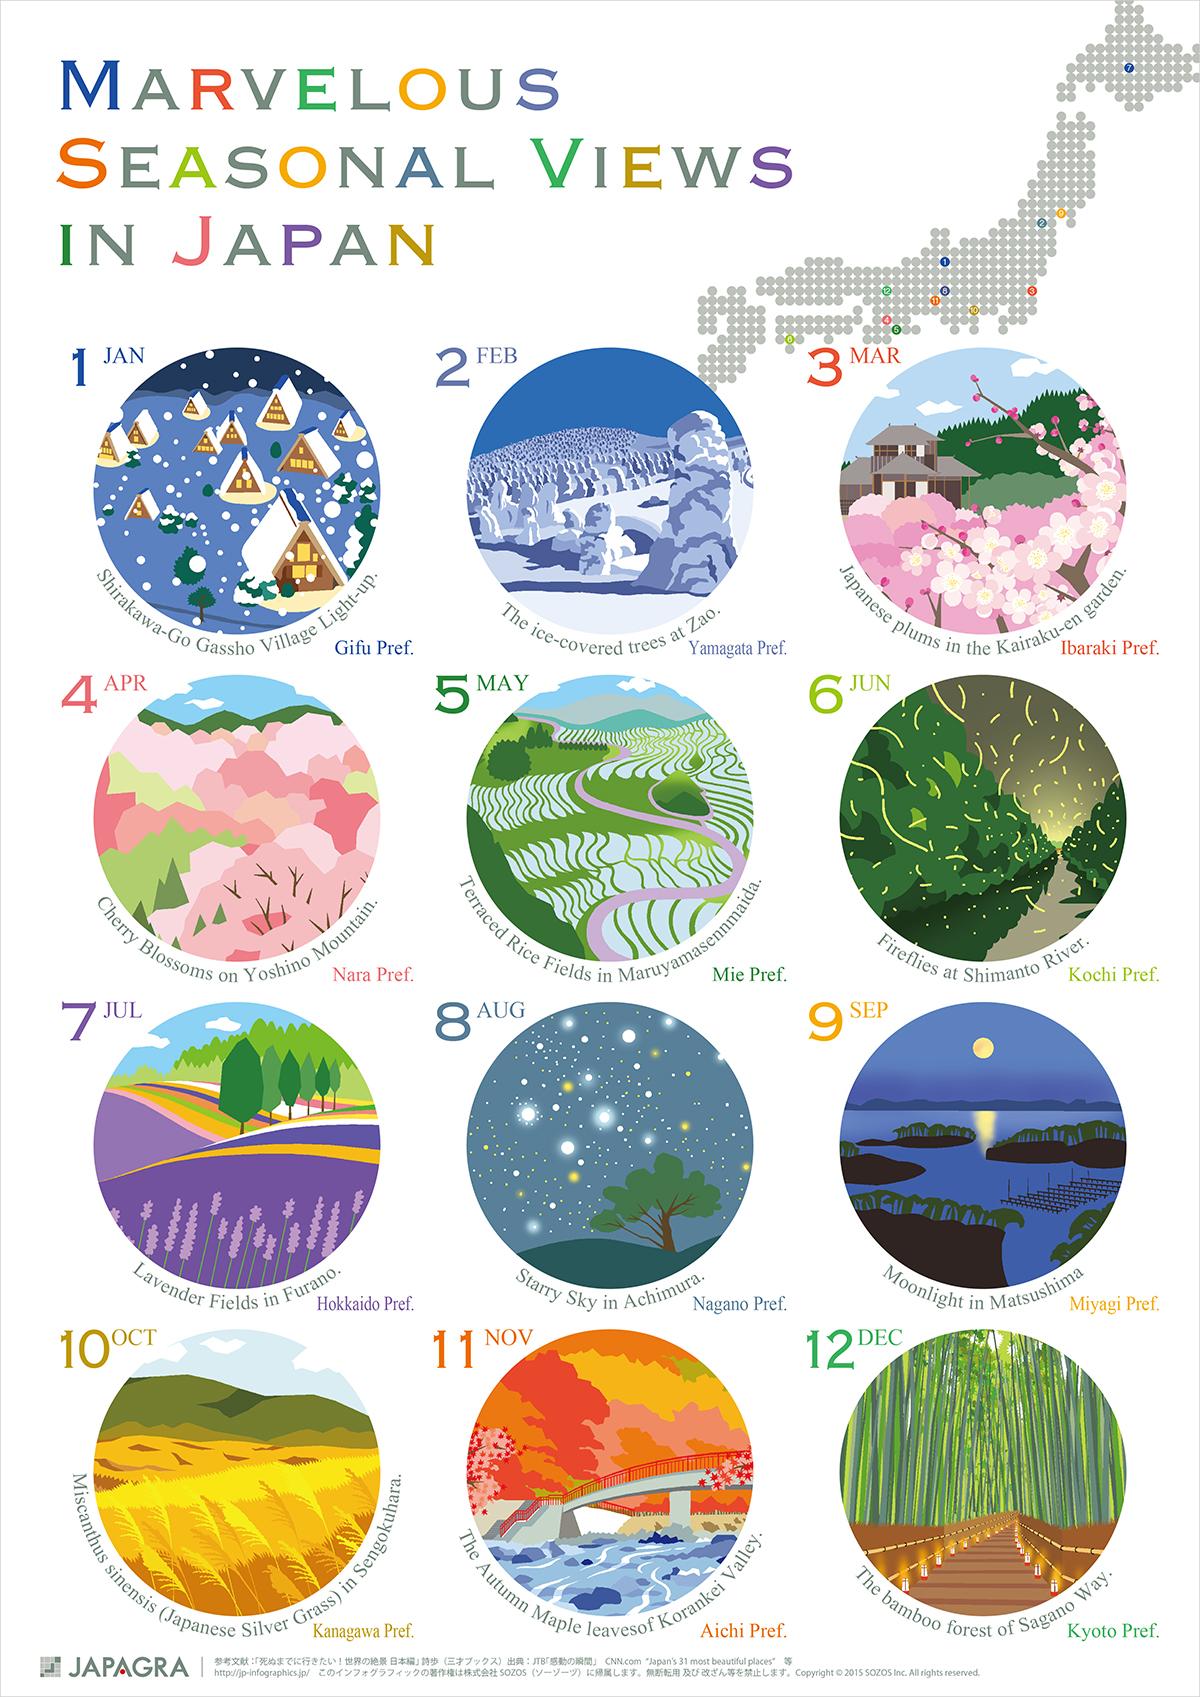 インフォグラフィック:季節で変わる日本の絶景風景。日本の美しさは四季にあり